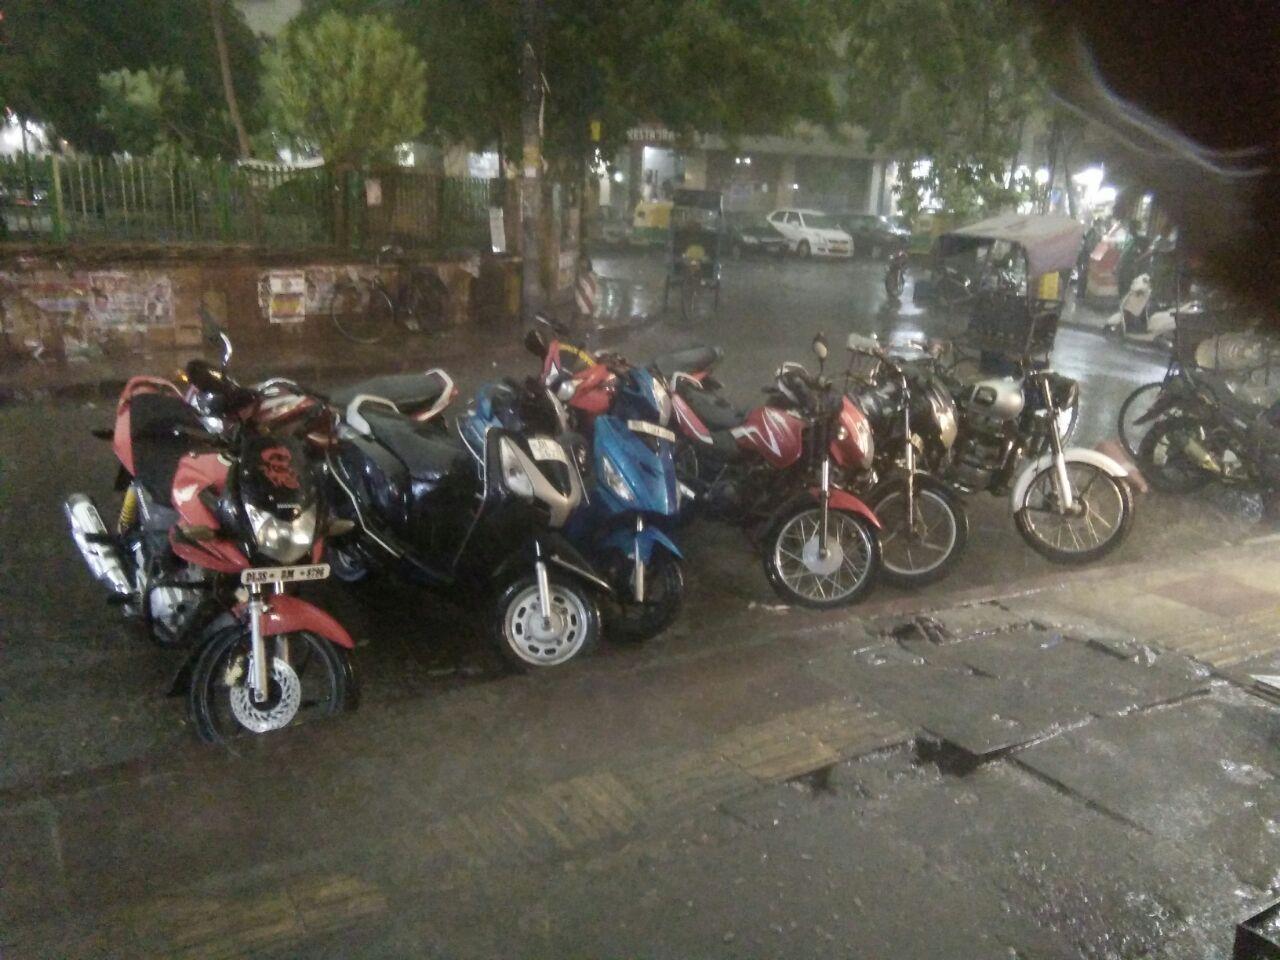 Heavy rain lashed Delhi